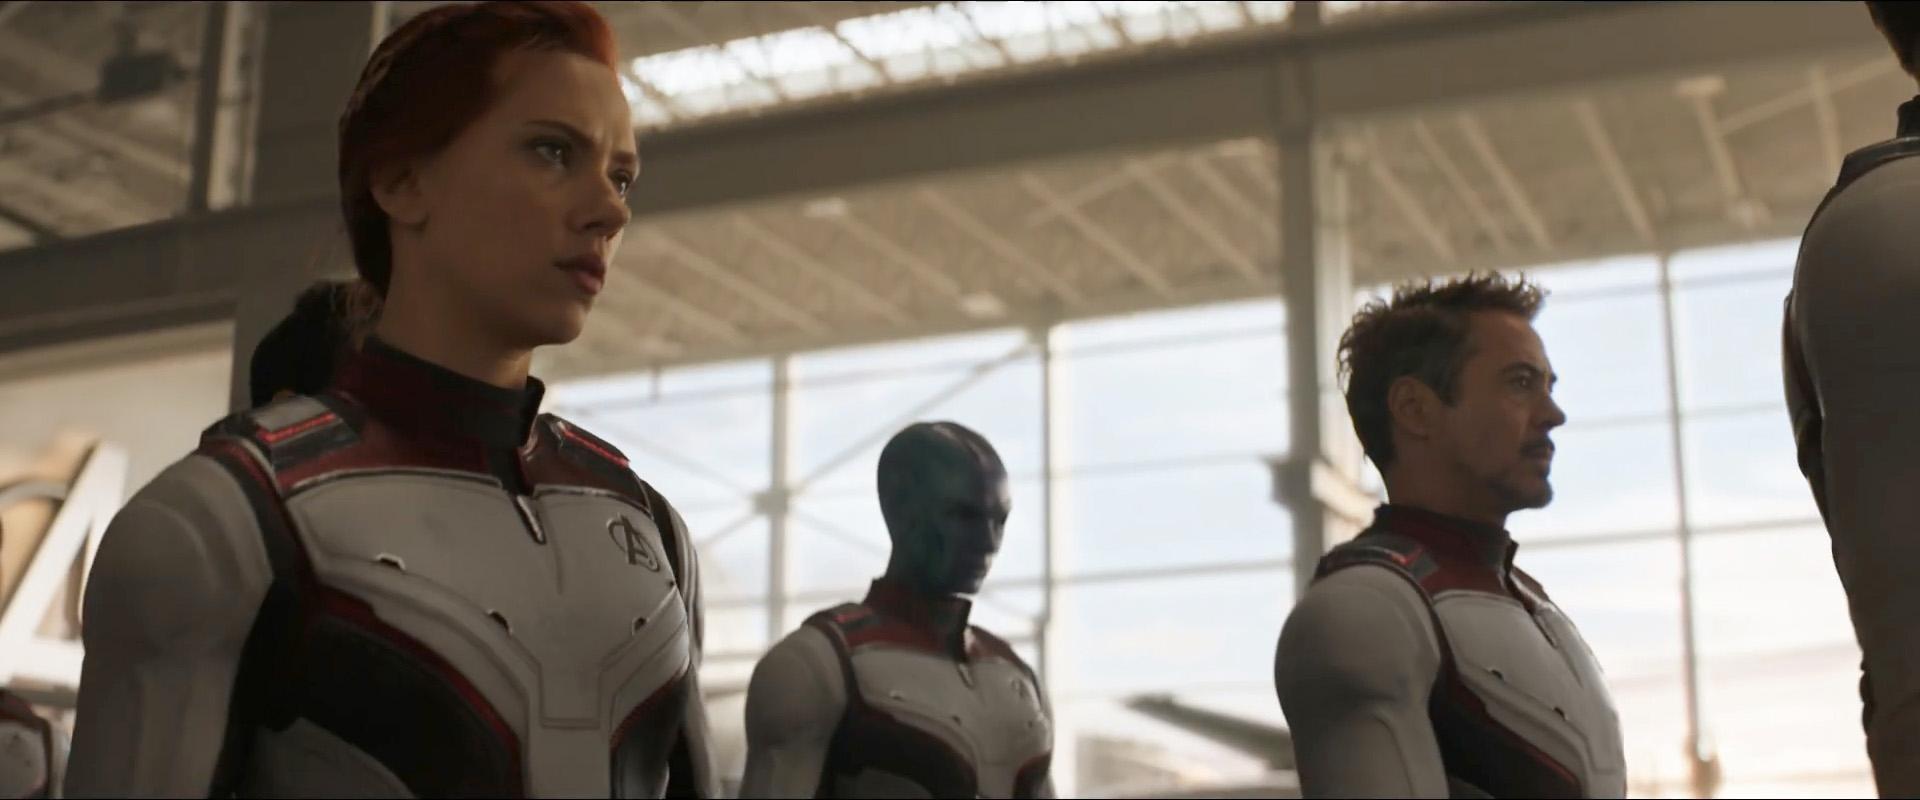 Avengers Endgame Quantum Realm Suits